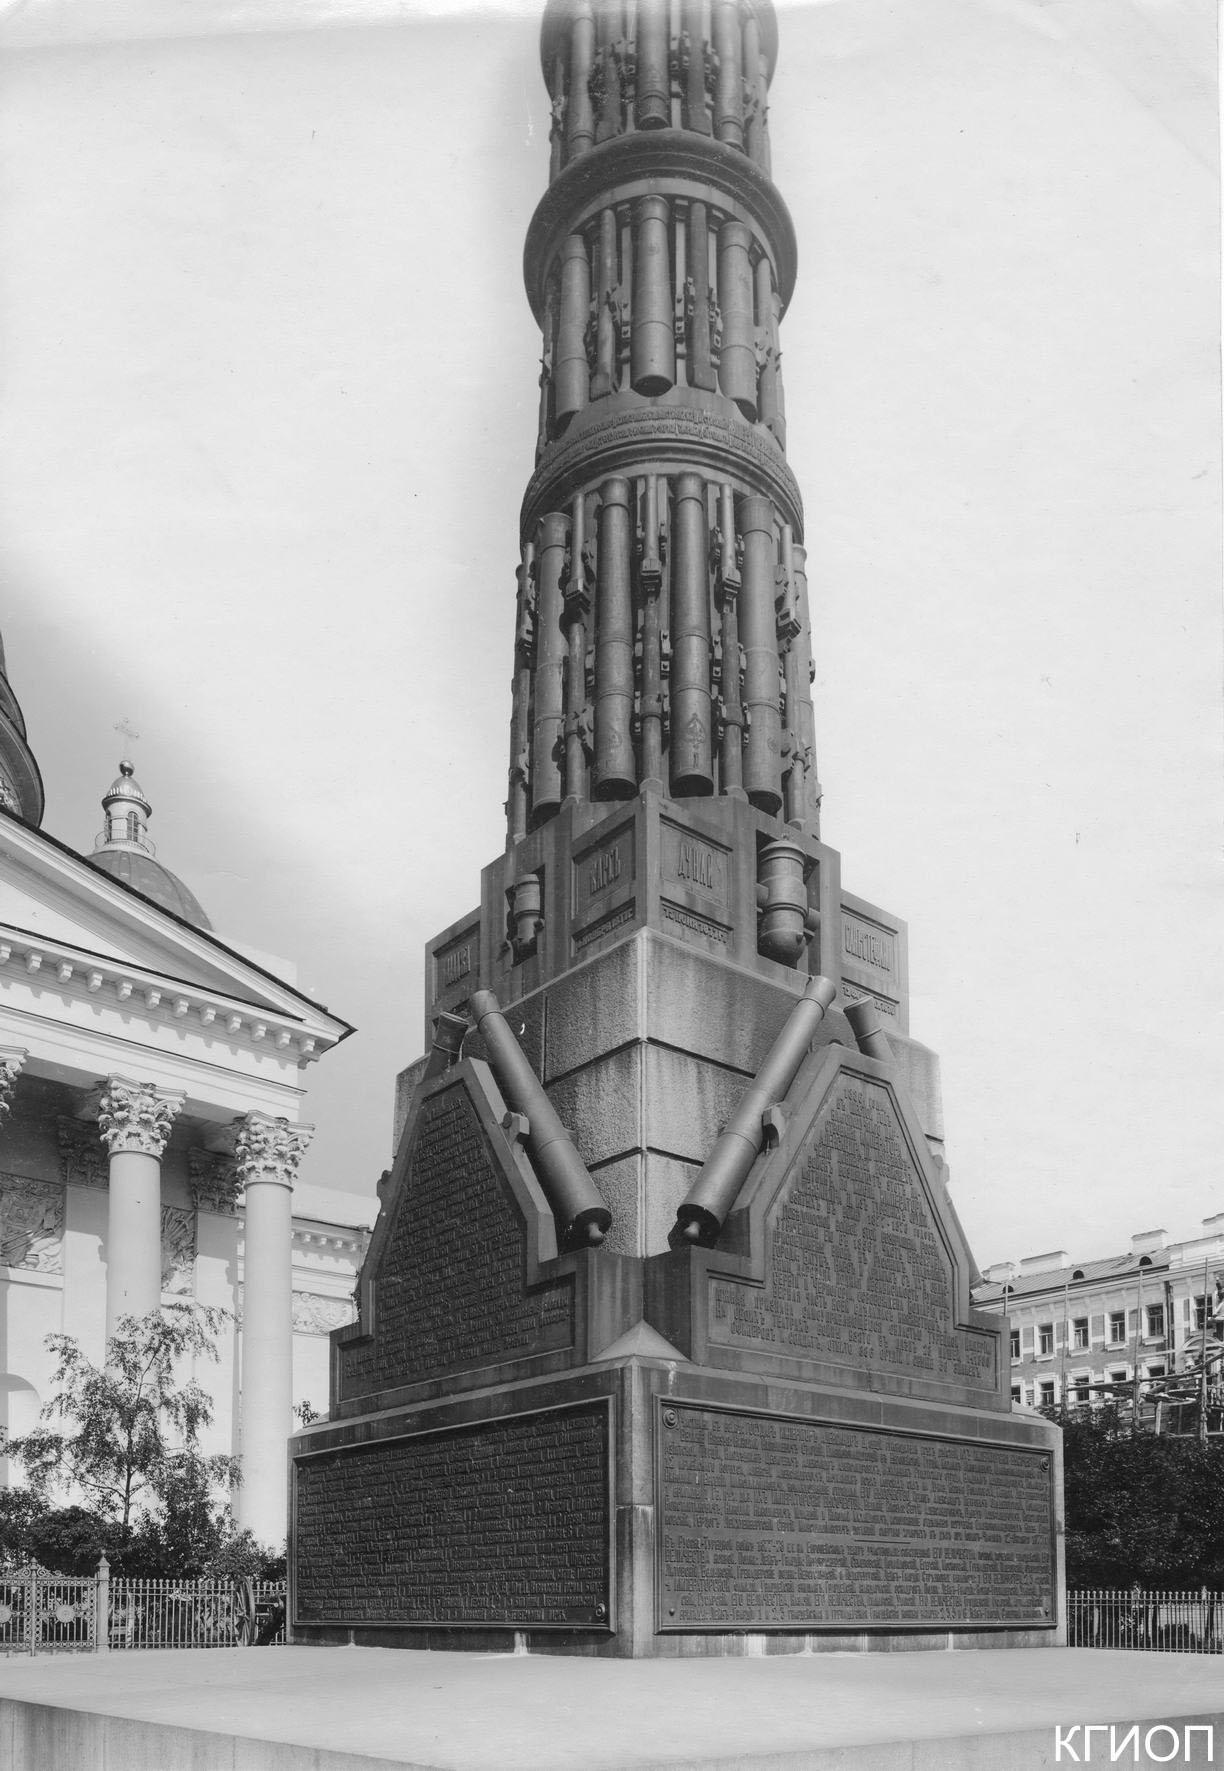 03. Колонна Славы. Нижняя часть. 1900-е годы